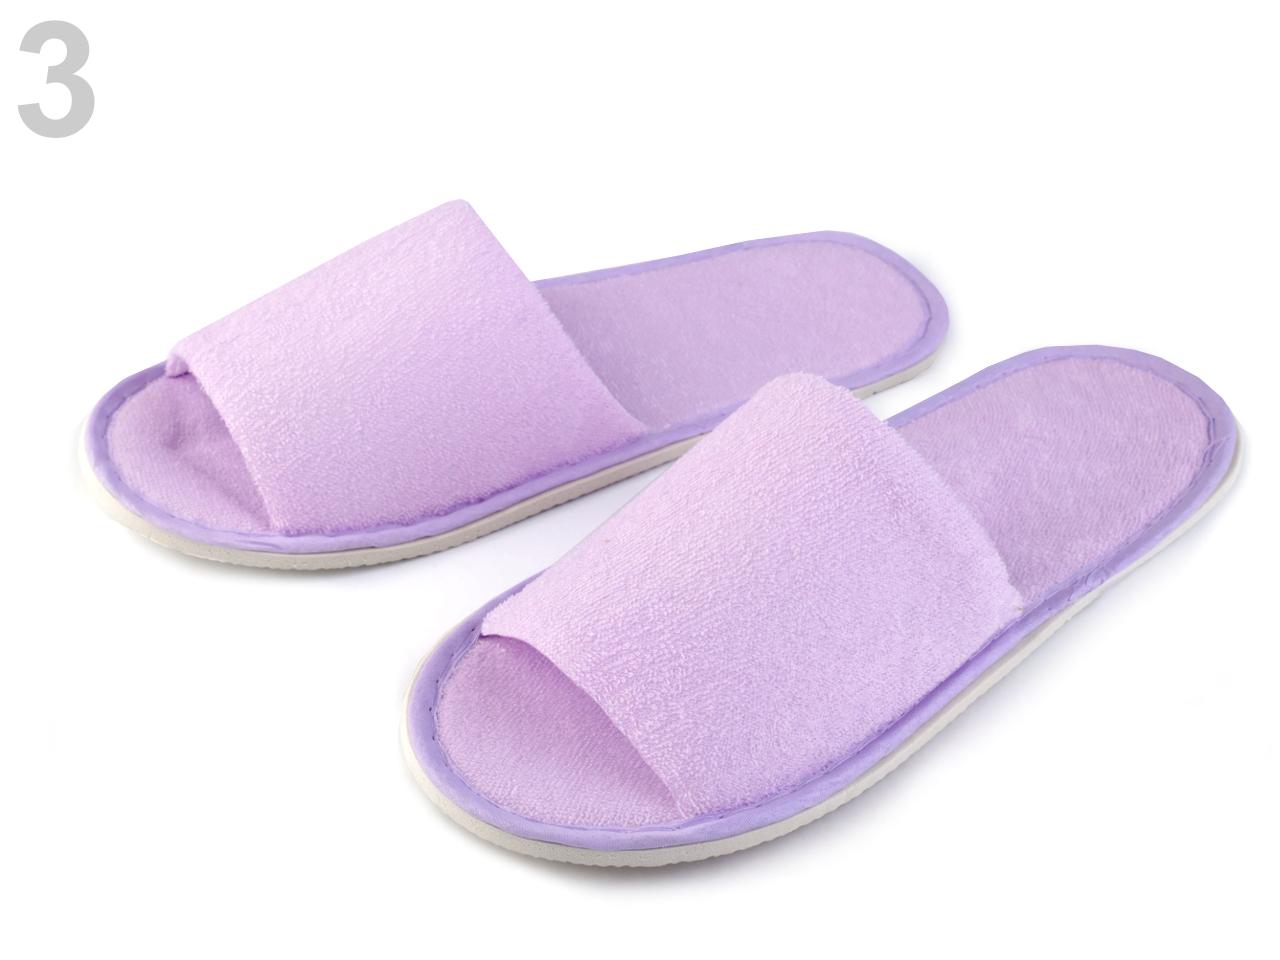 Pantofle textilní 1pár - 92 Kč / pár 3 fialková sv.